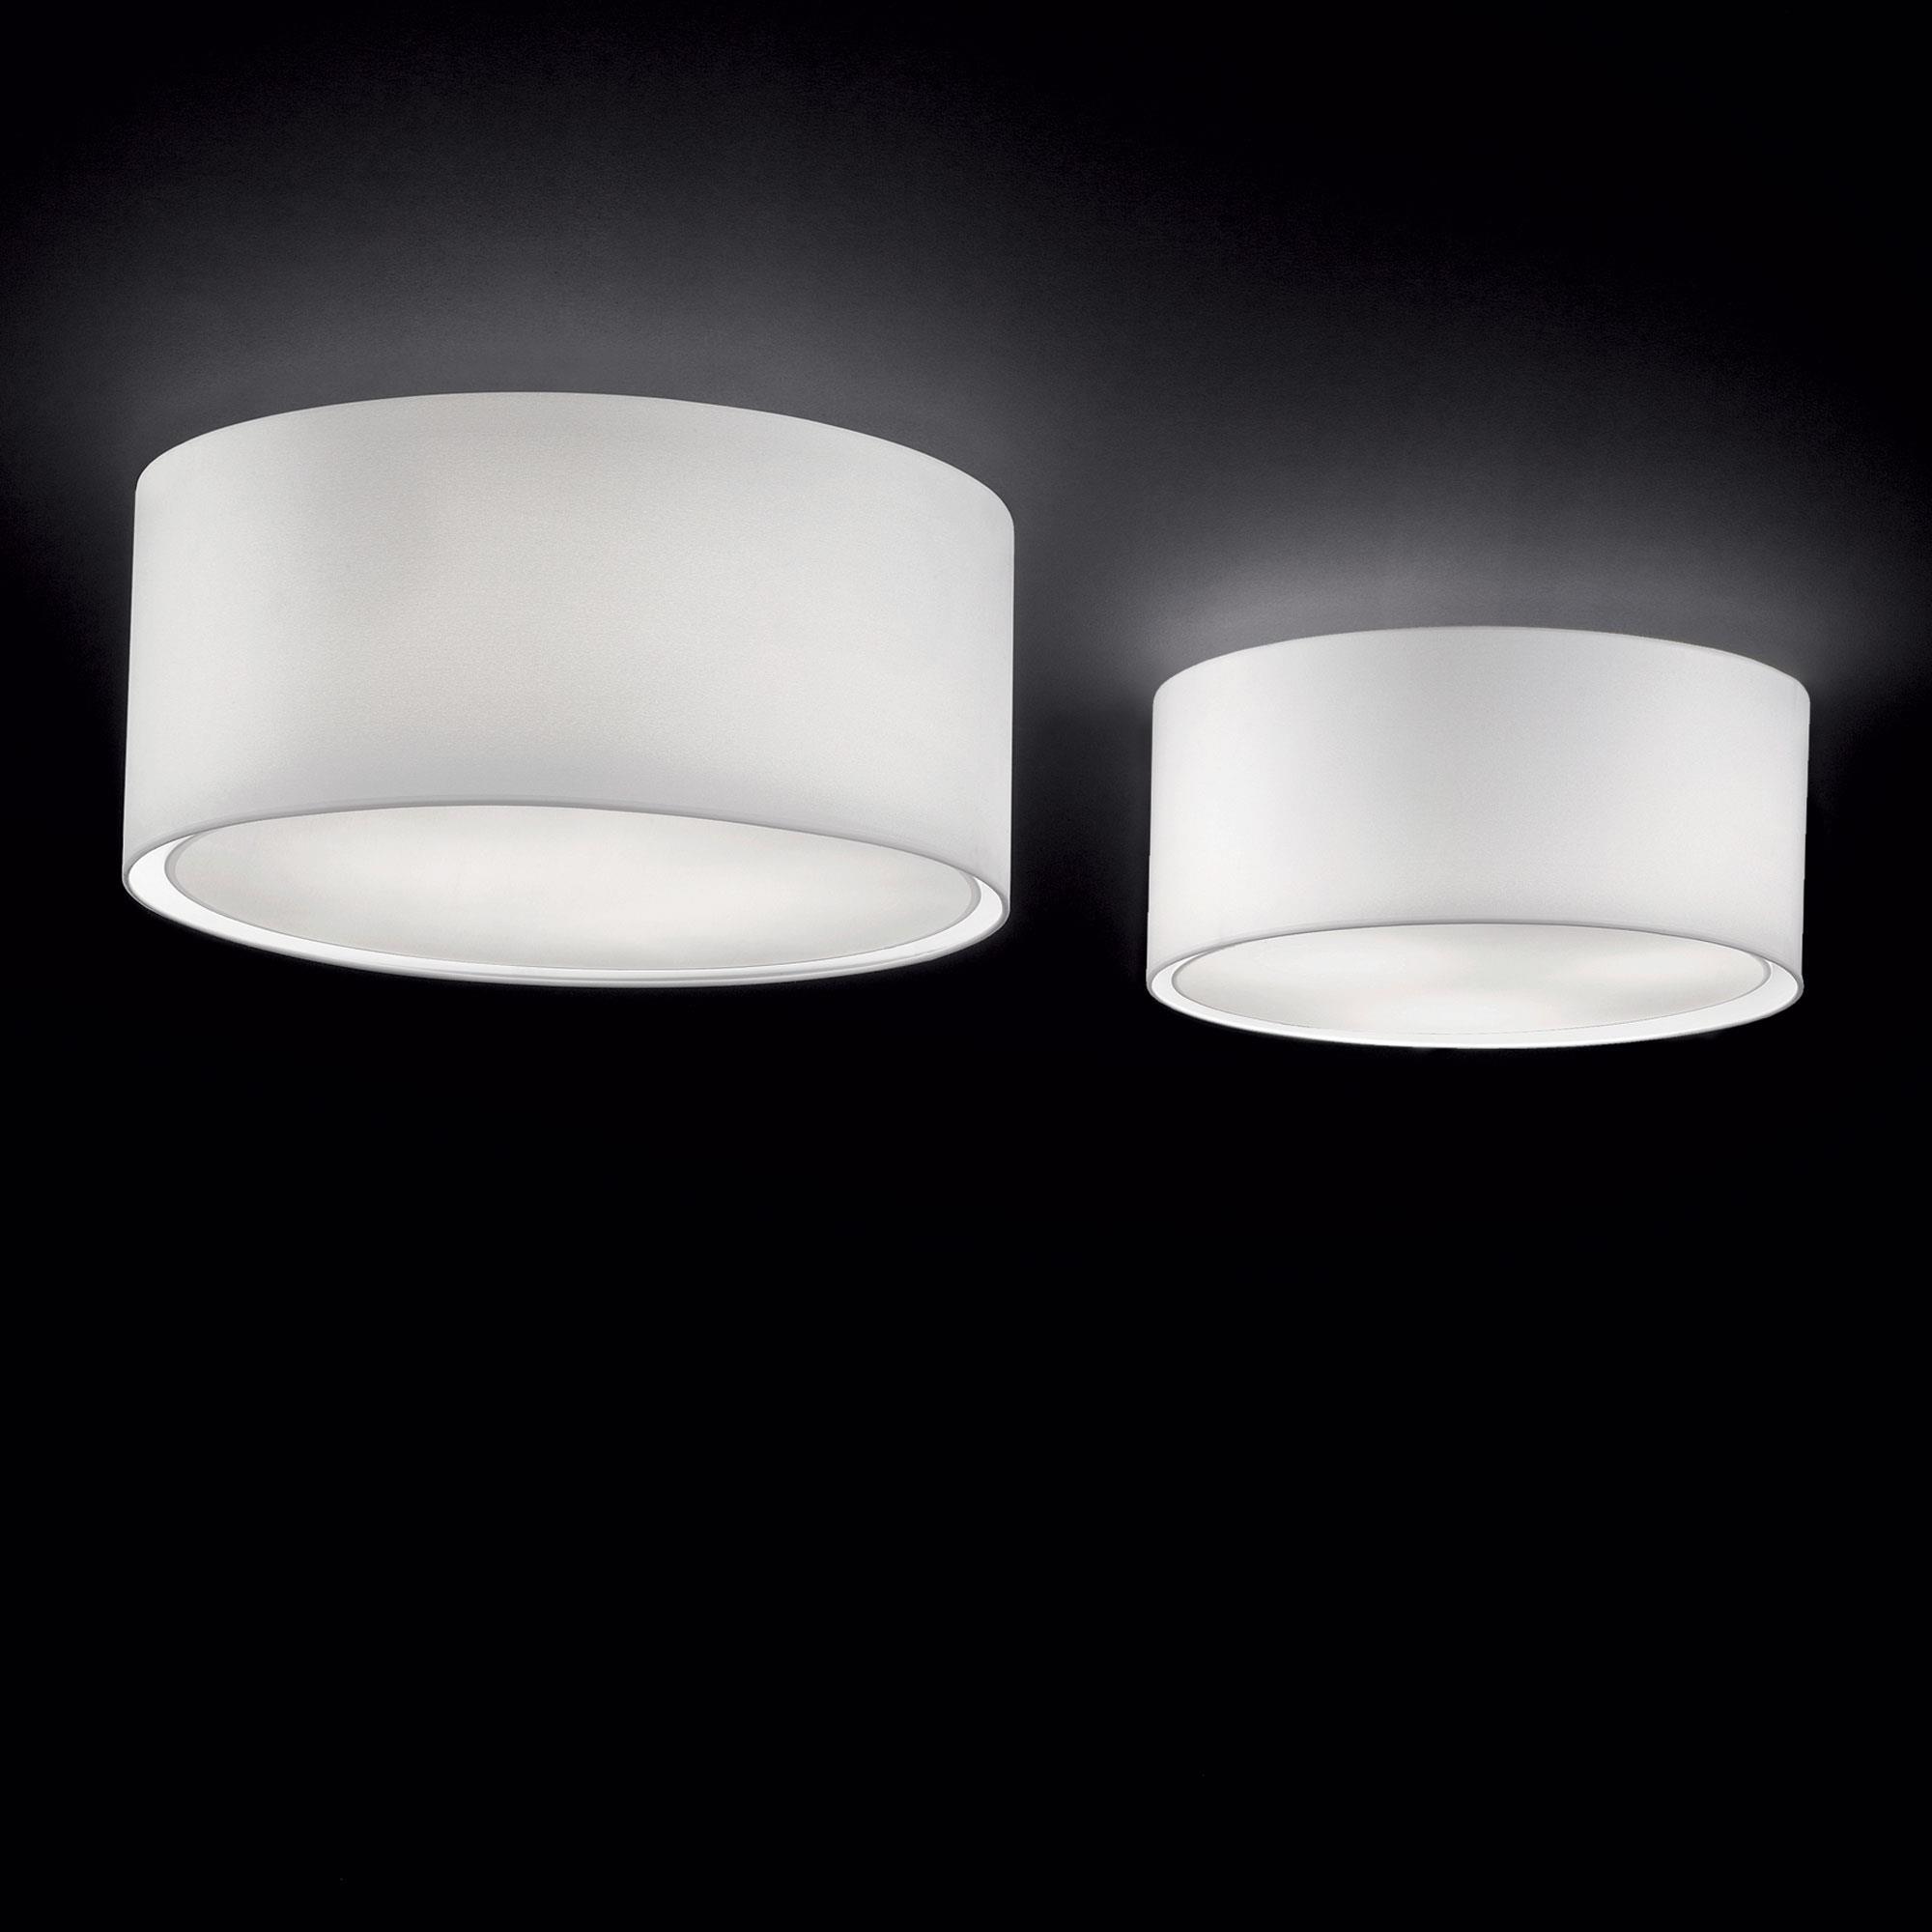 Ideal Lux 036014 Wheel PL3 mennyezeti lámpa